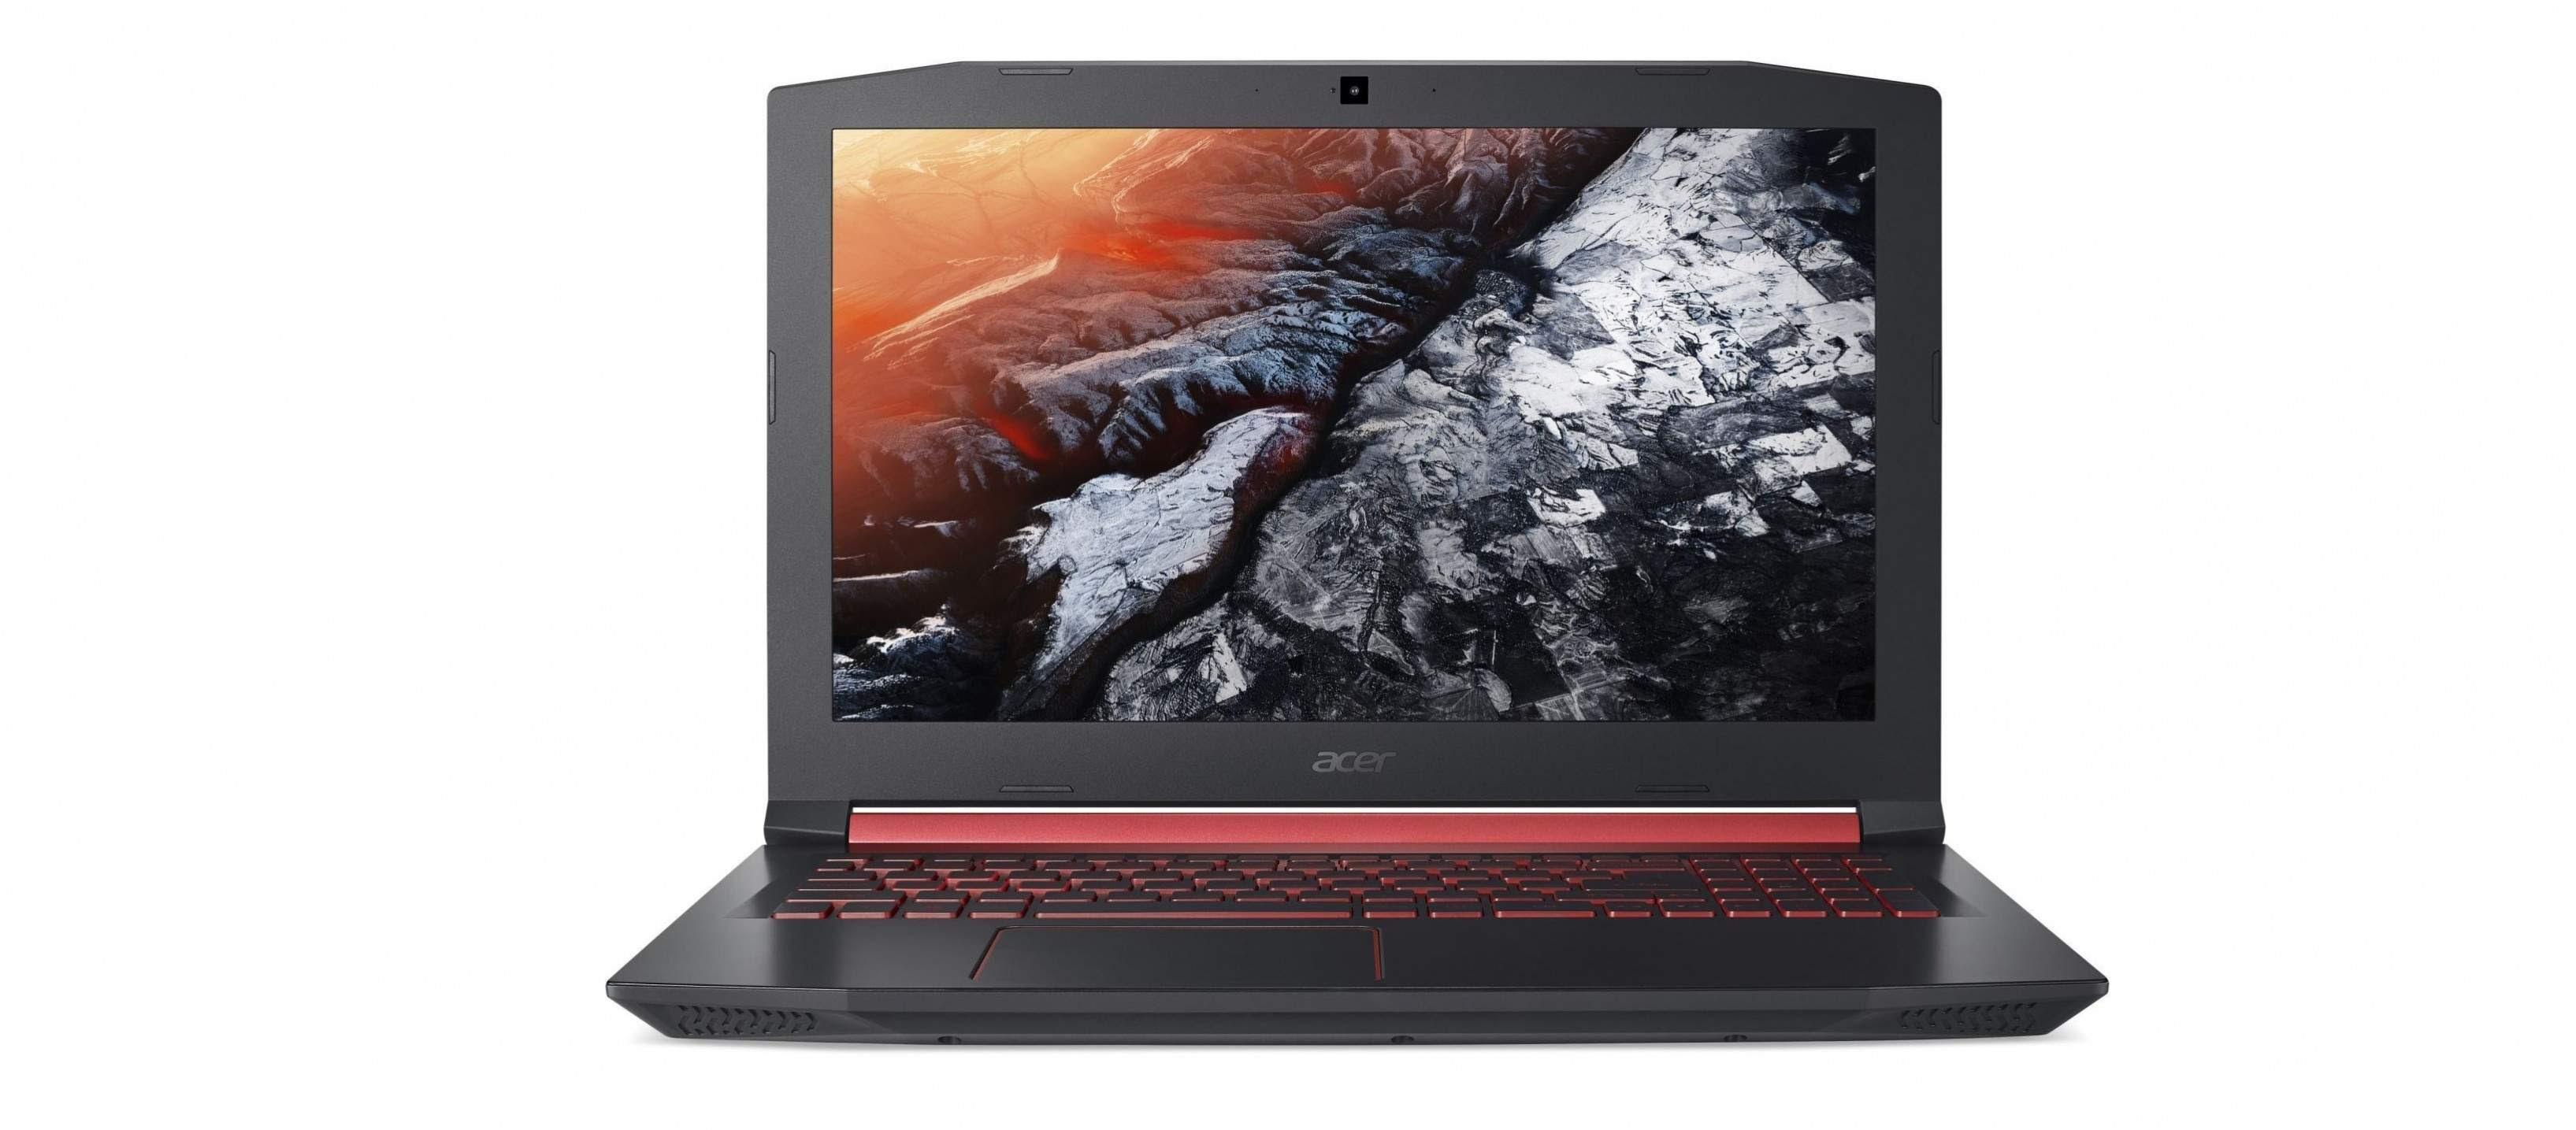 Berbeda dengan laptop premium lainnya yang masih menggunakan bodi plastik ringkih Acer Nitro 5 hadir cukup